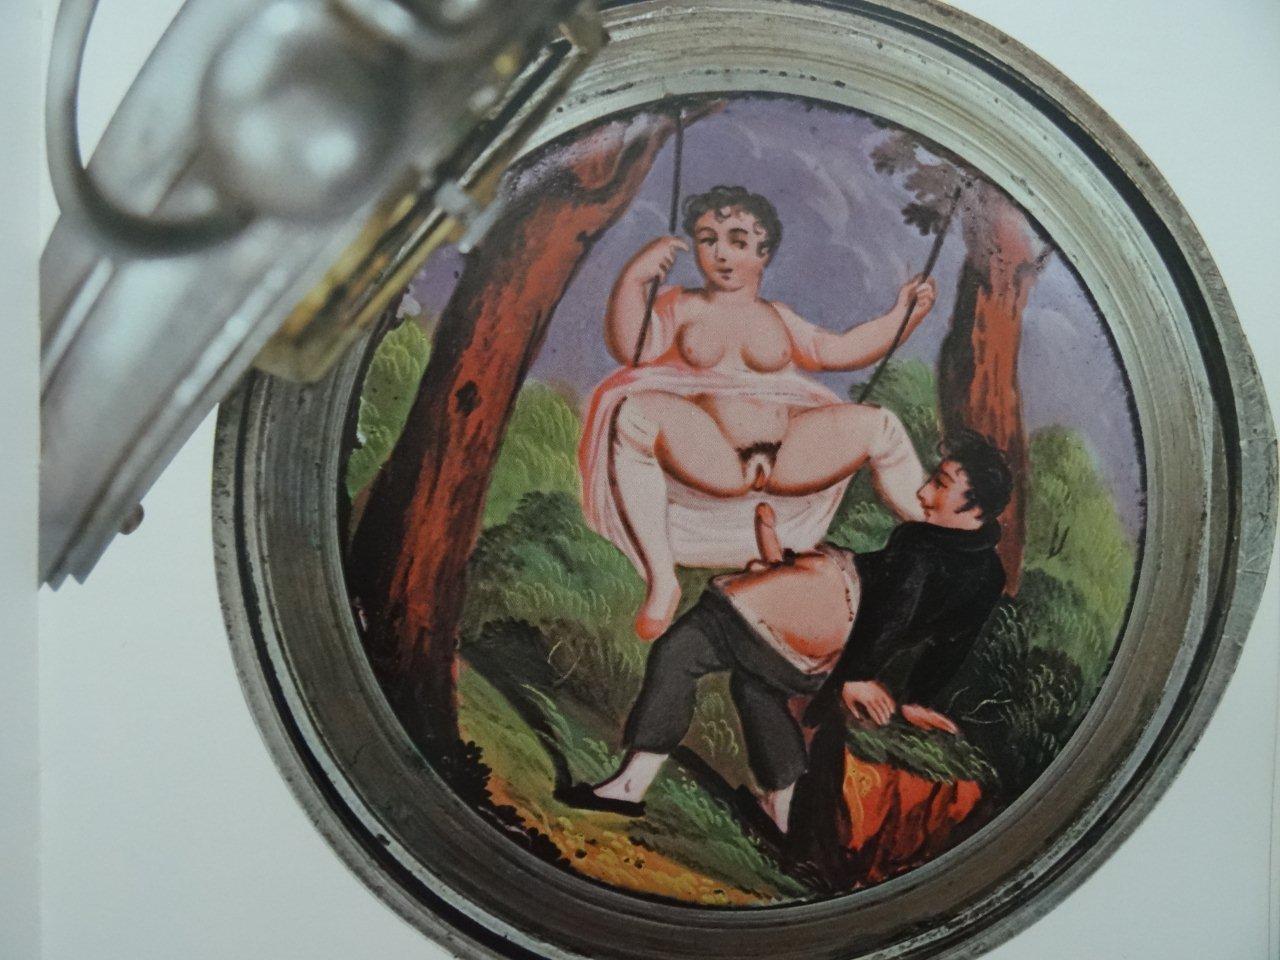 de erotik forum